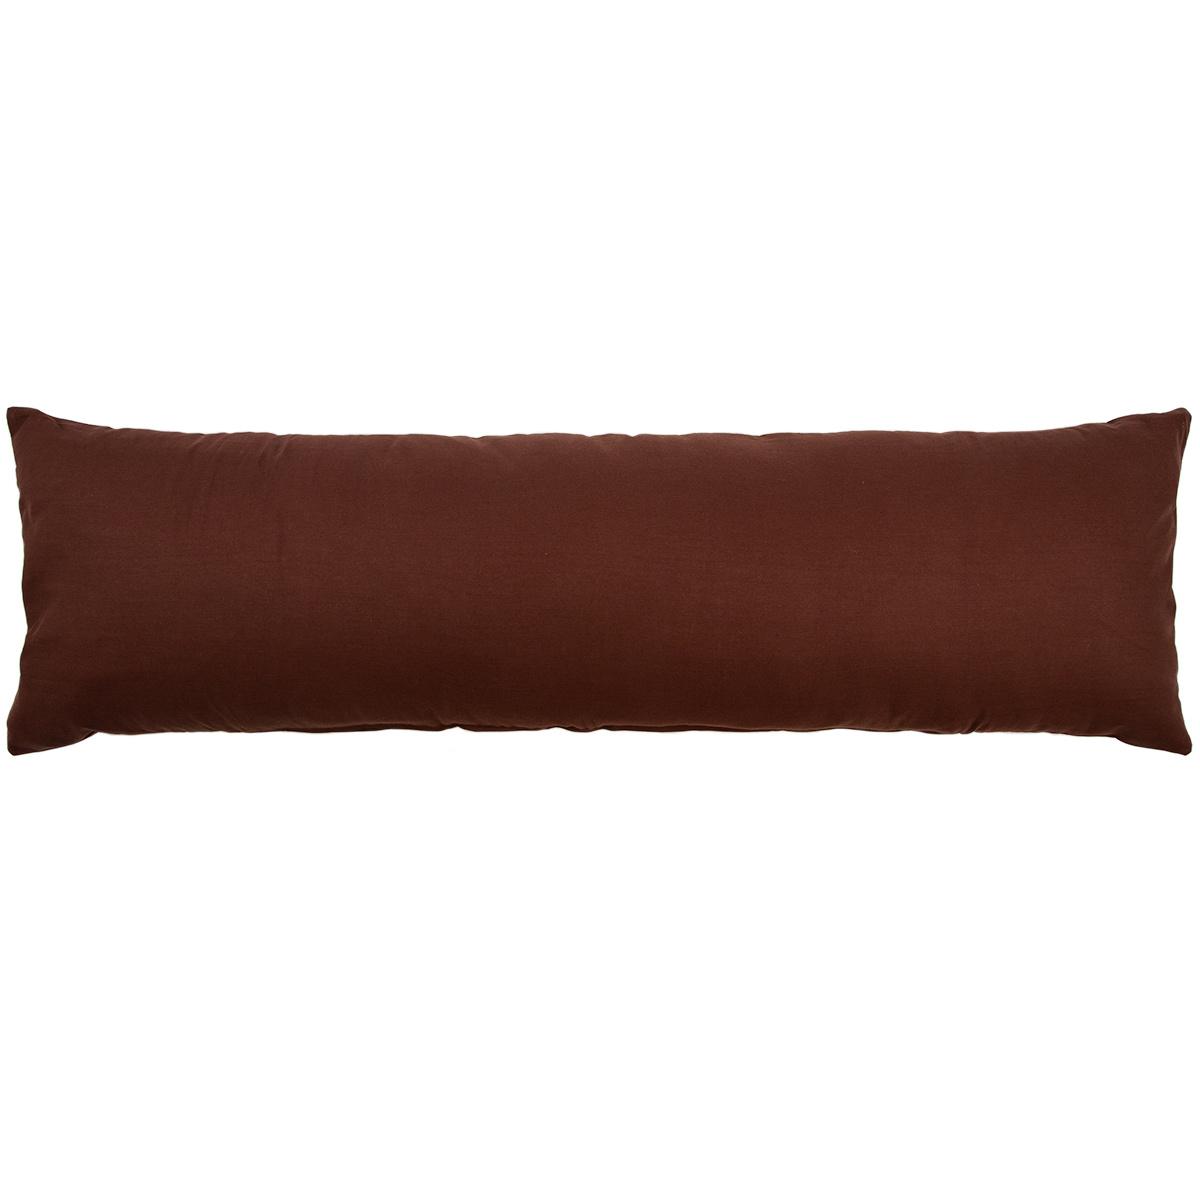 Trade Concept Povlak na Relaxační polštář Náhradní manžel UNI hnědá, 50 x 150 cm